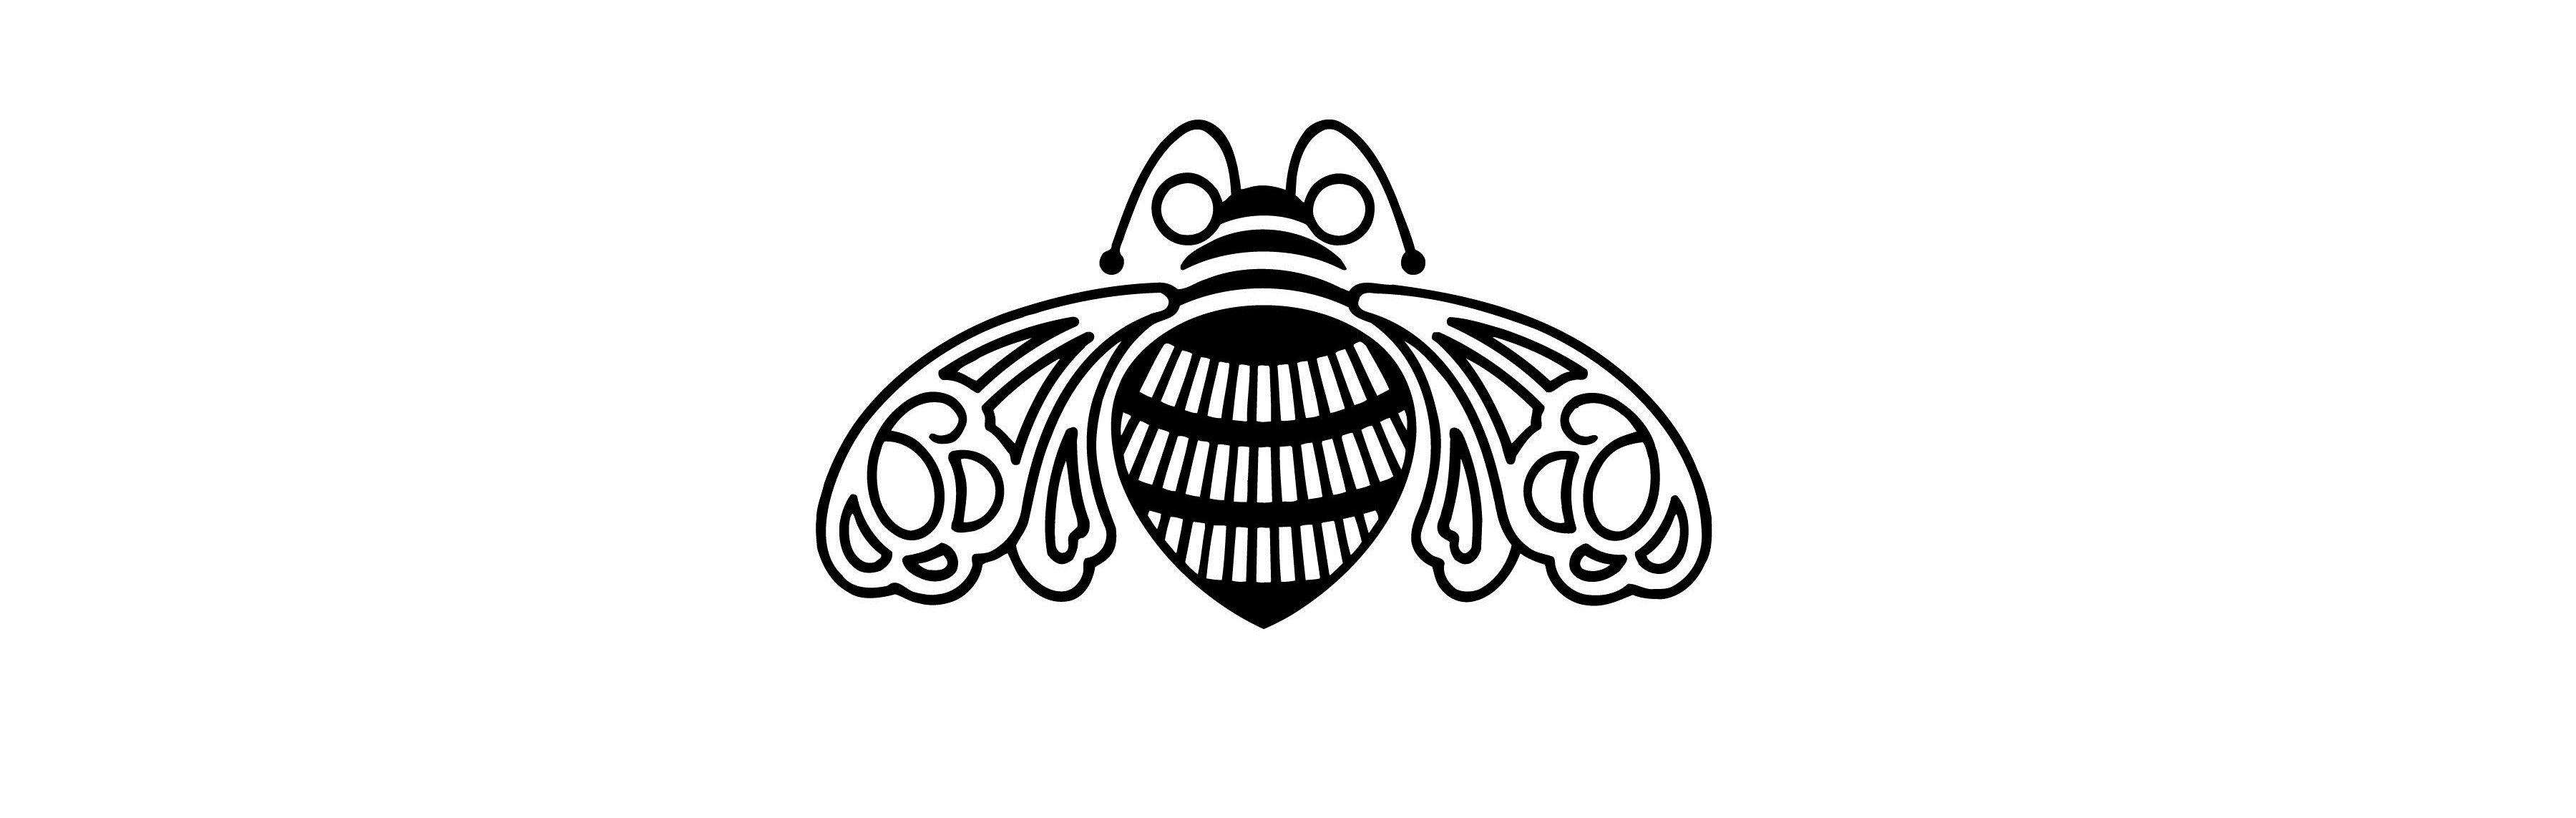 Patron Tequila Logo | Patron Logo | Patron tequila, Ink, Logos